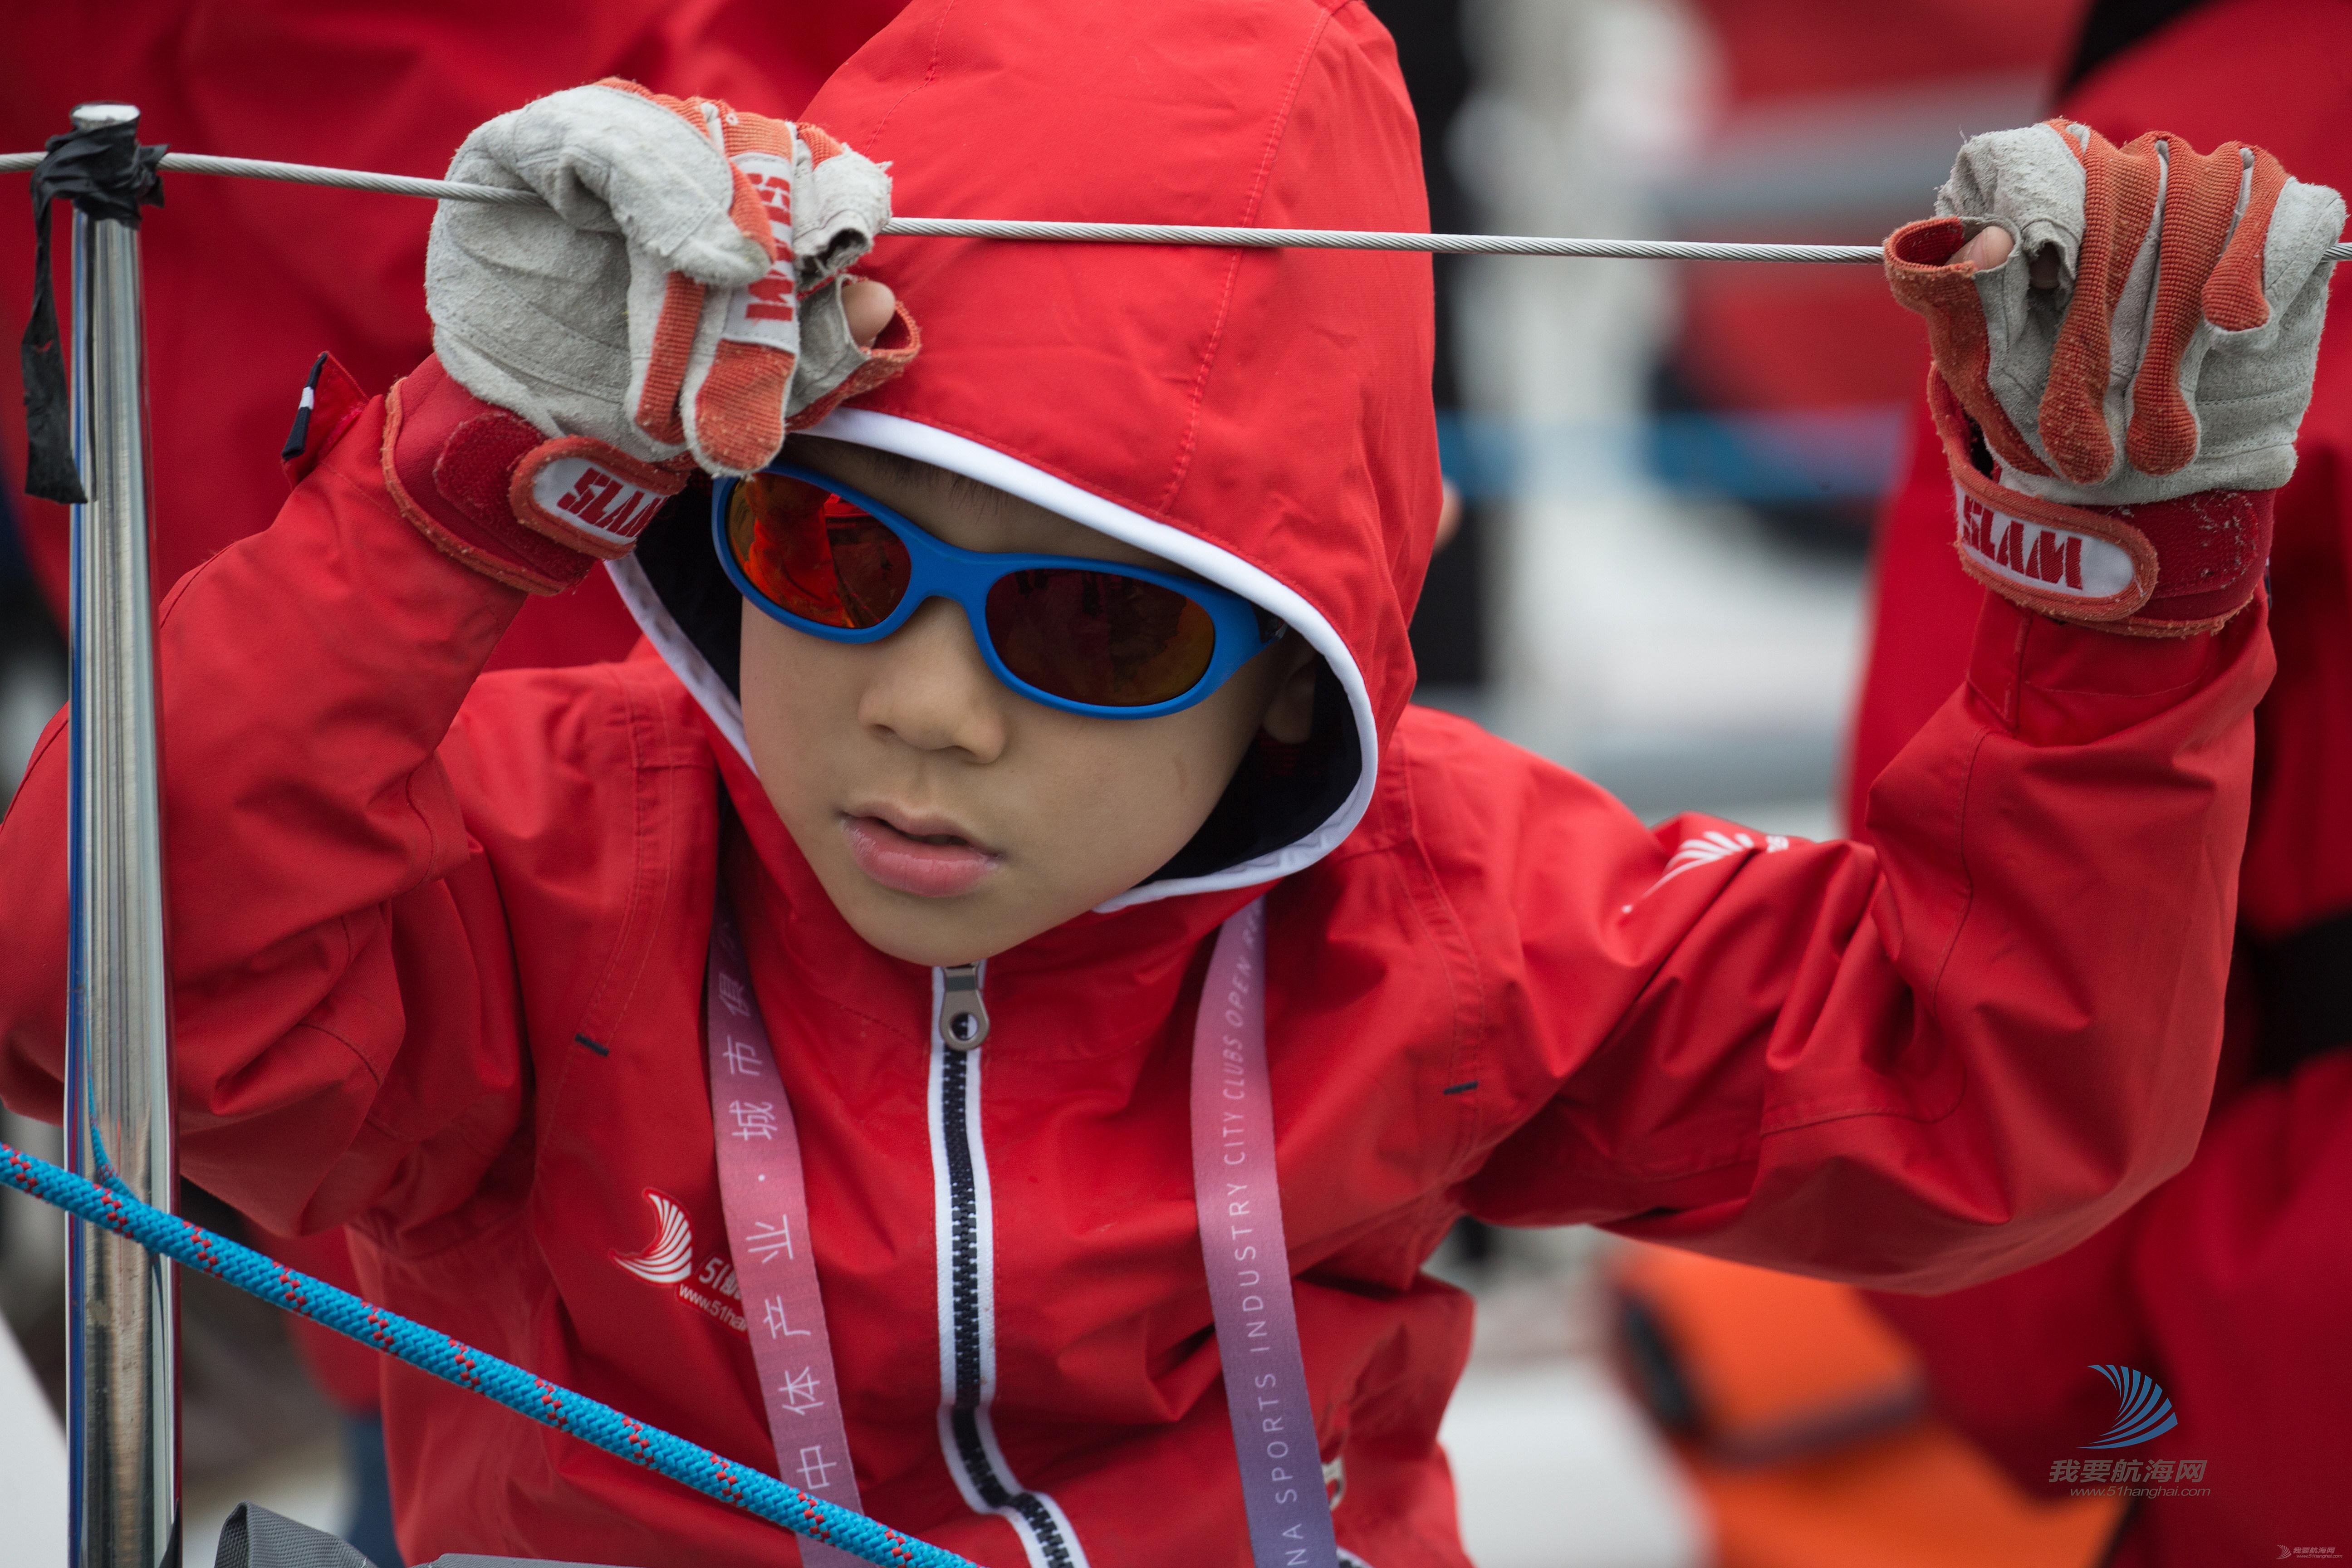 我要去航海-谷雨帆船队CCOR城市俱乐部国际帆船赛首赛告捷